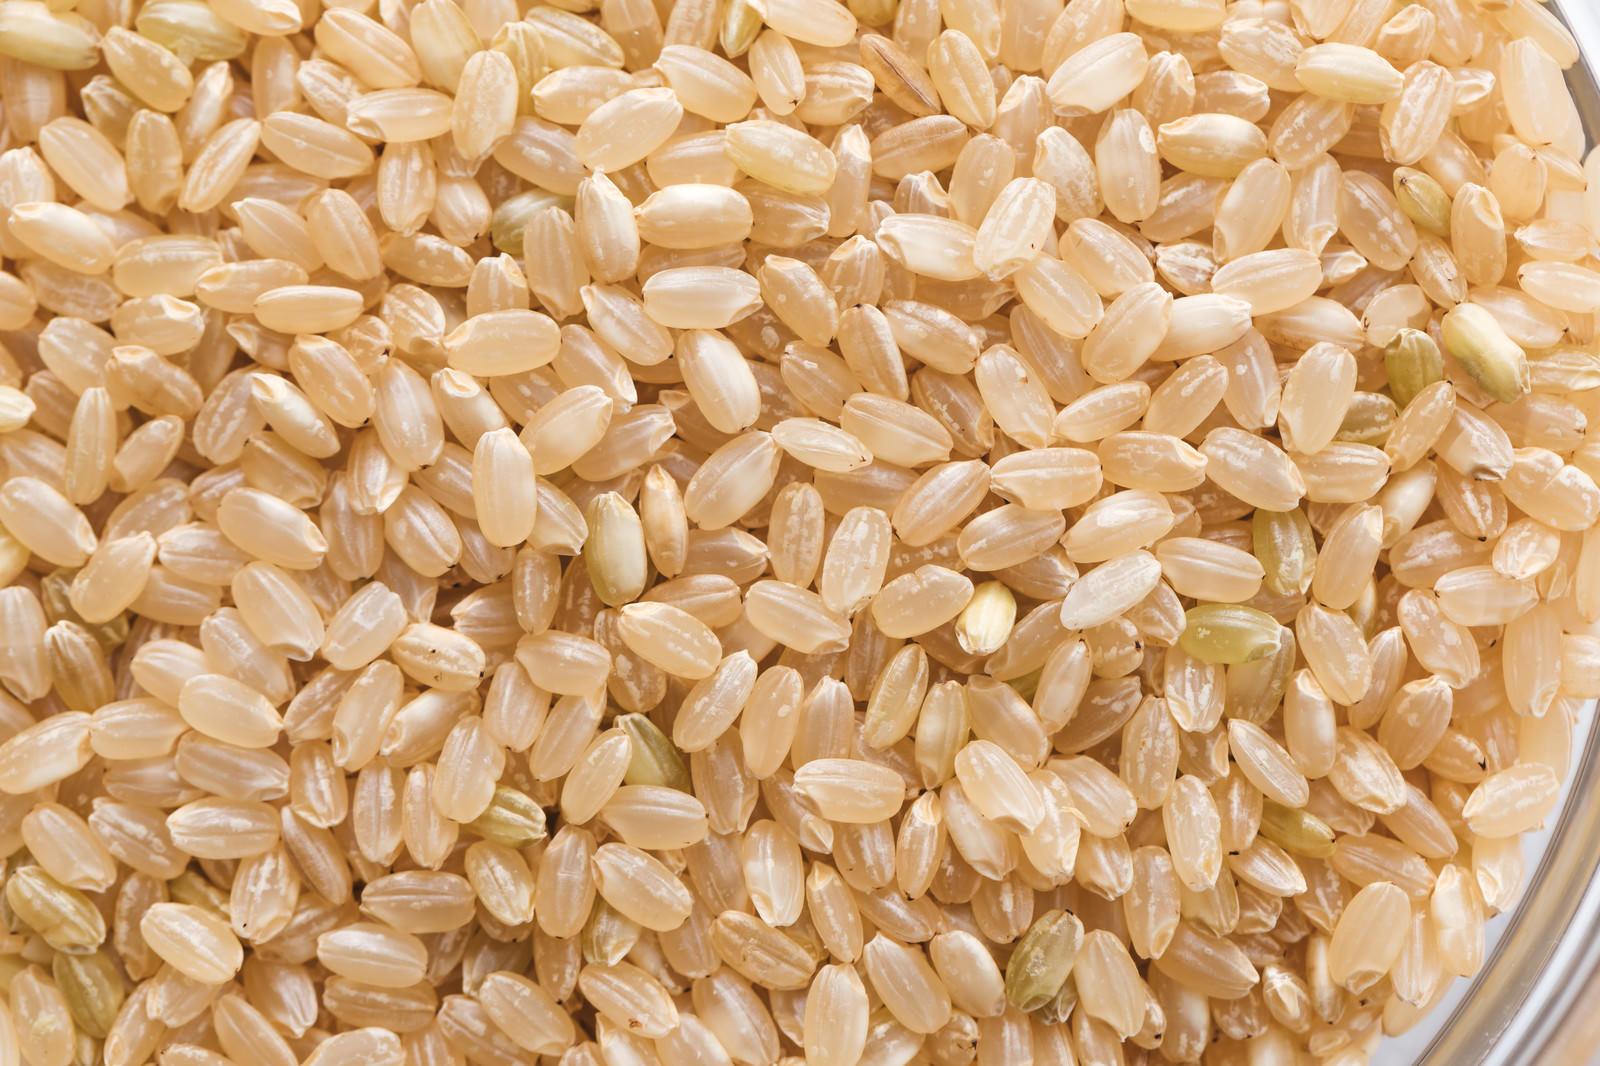 「玄米の粒」の写真